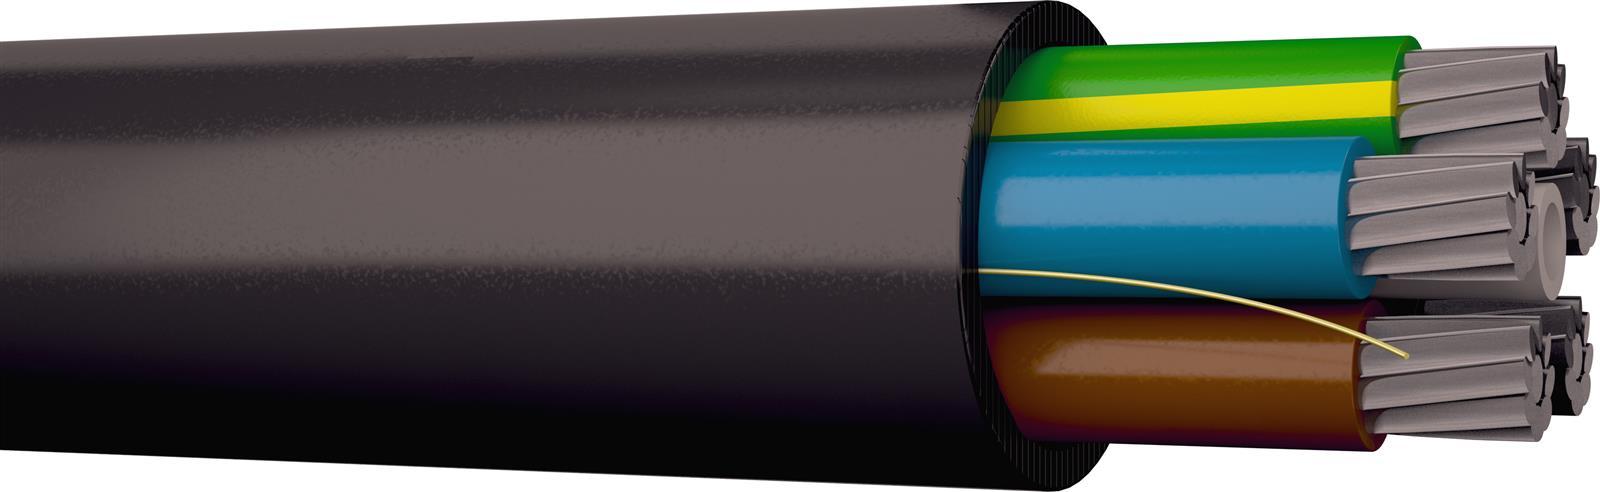 SE-N1XE-AR LIGHT 4G25 T500